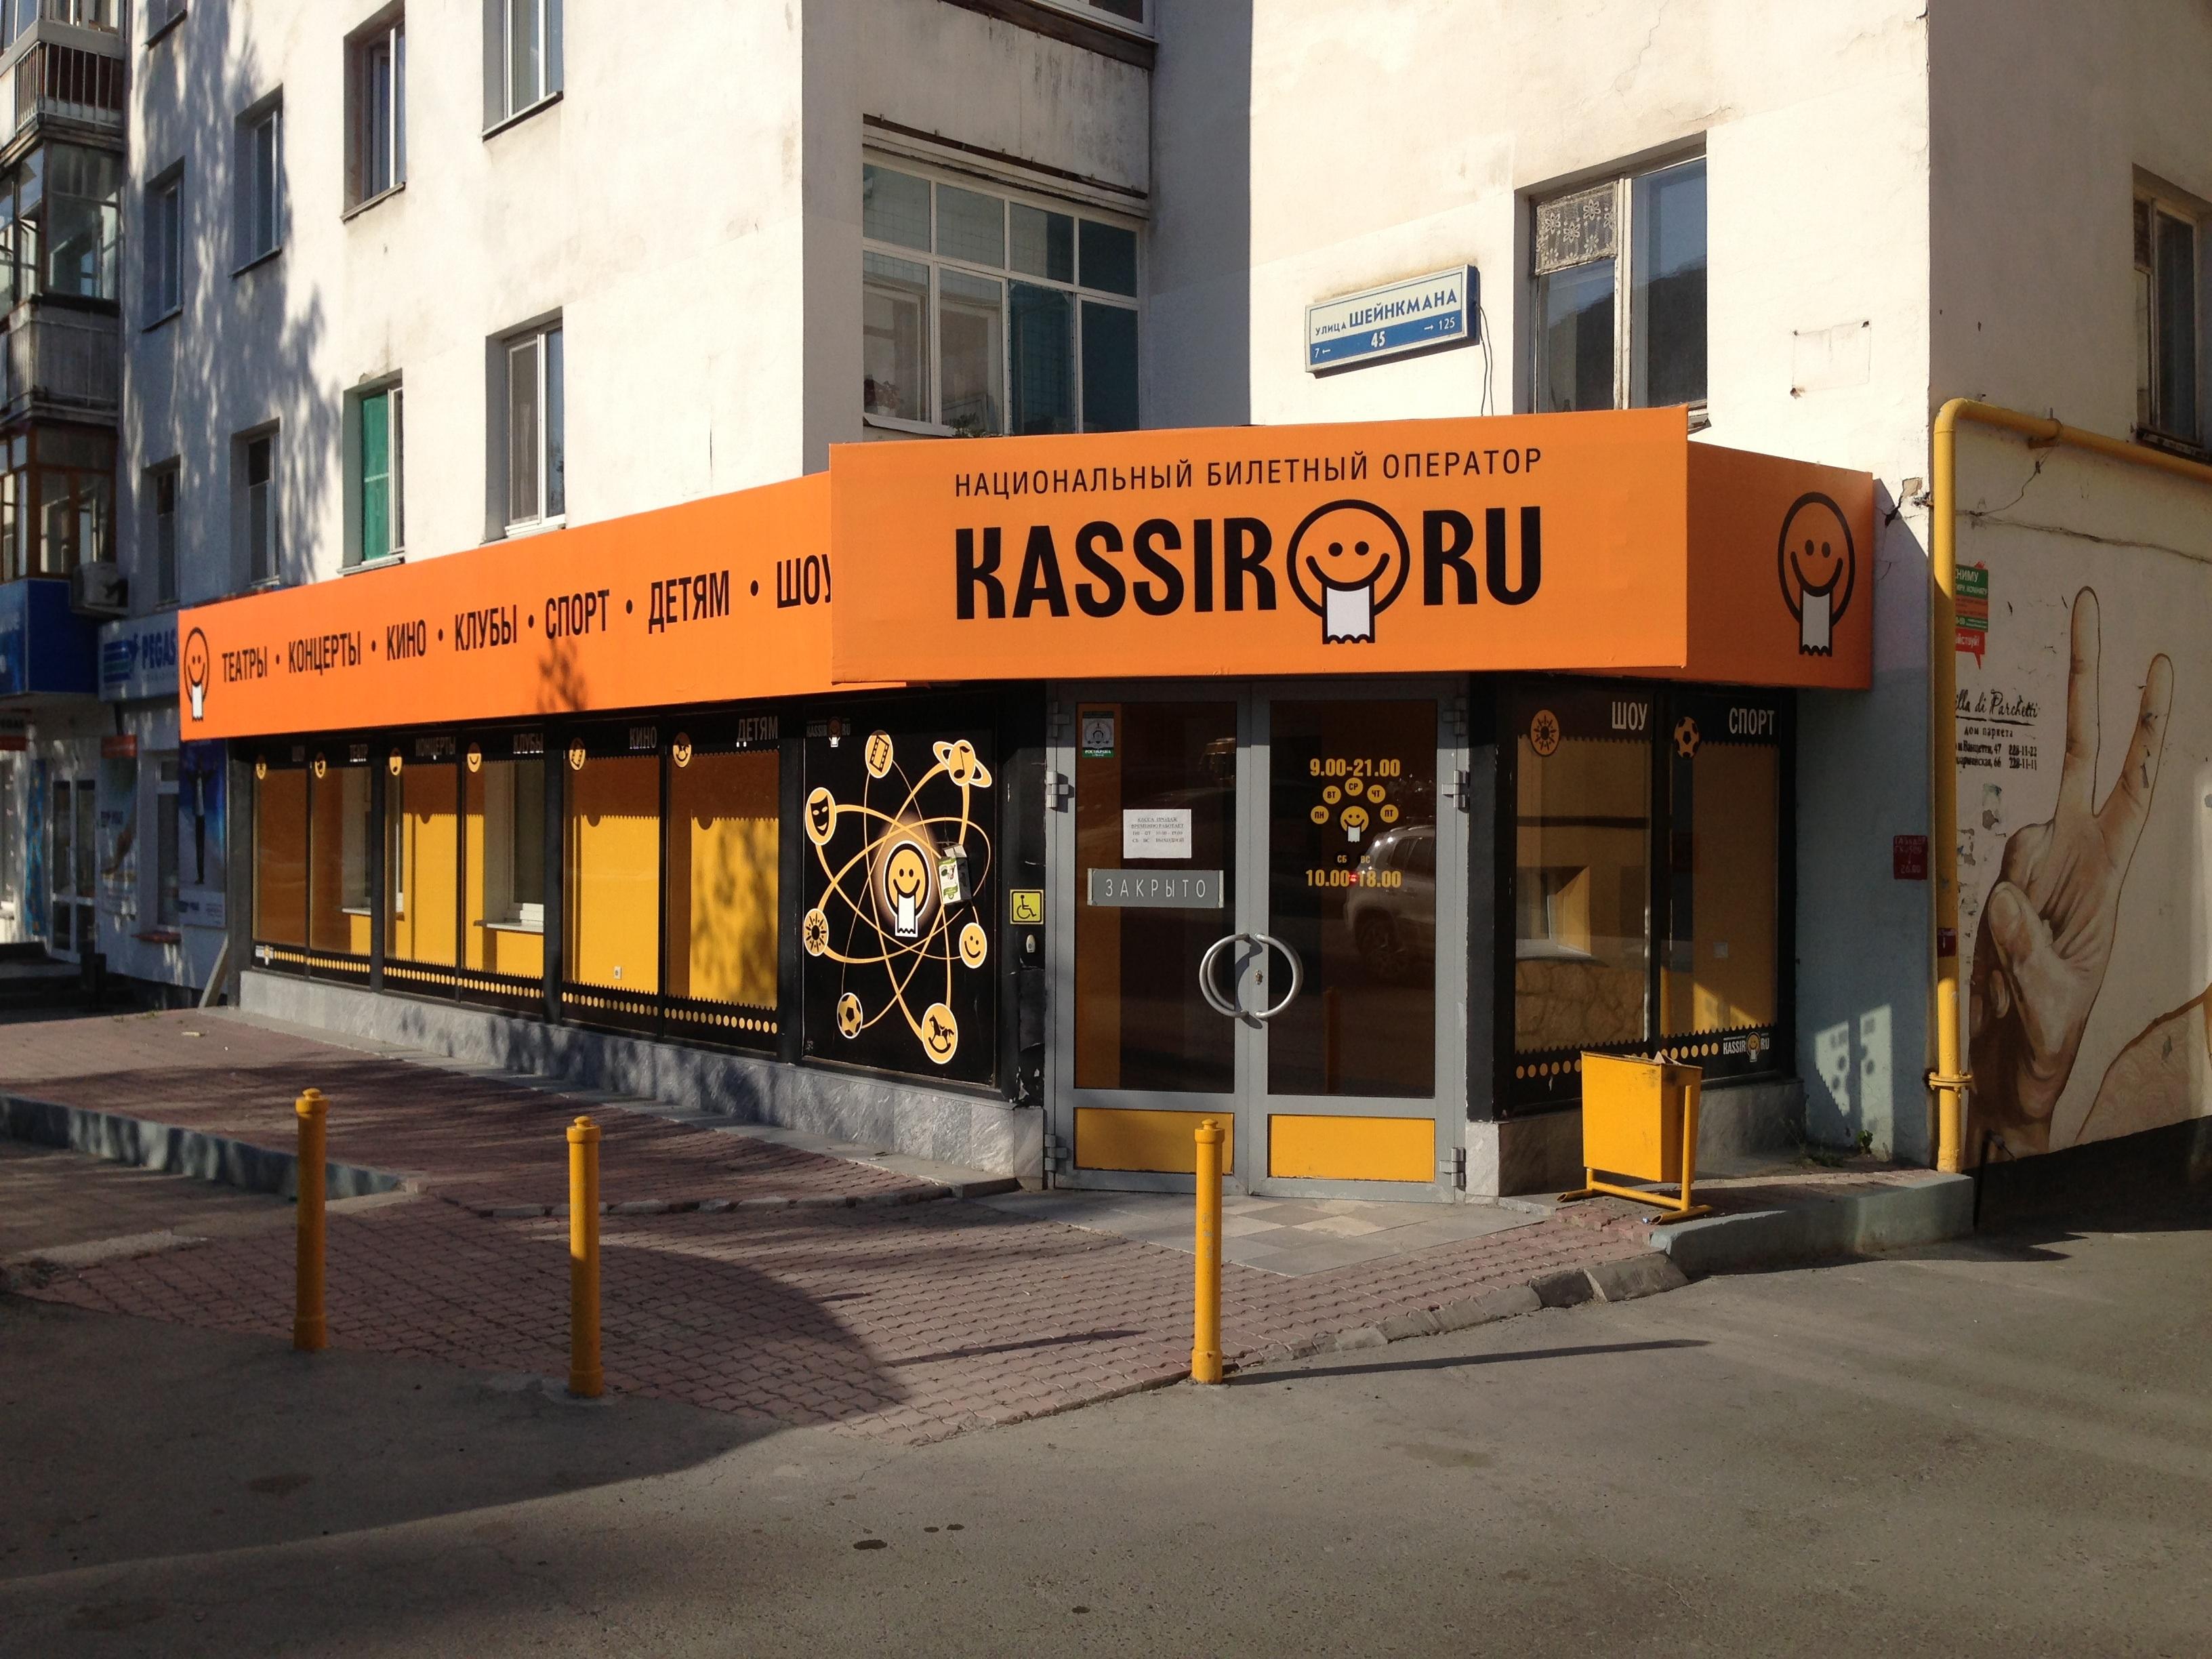 «Кассир.ру» возвращается в Екатеринбург на полулегальных основаниях